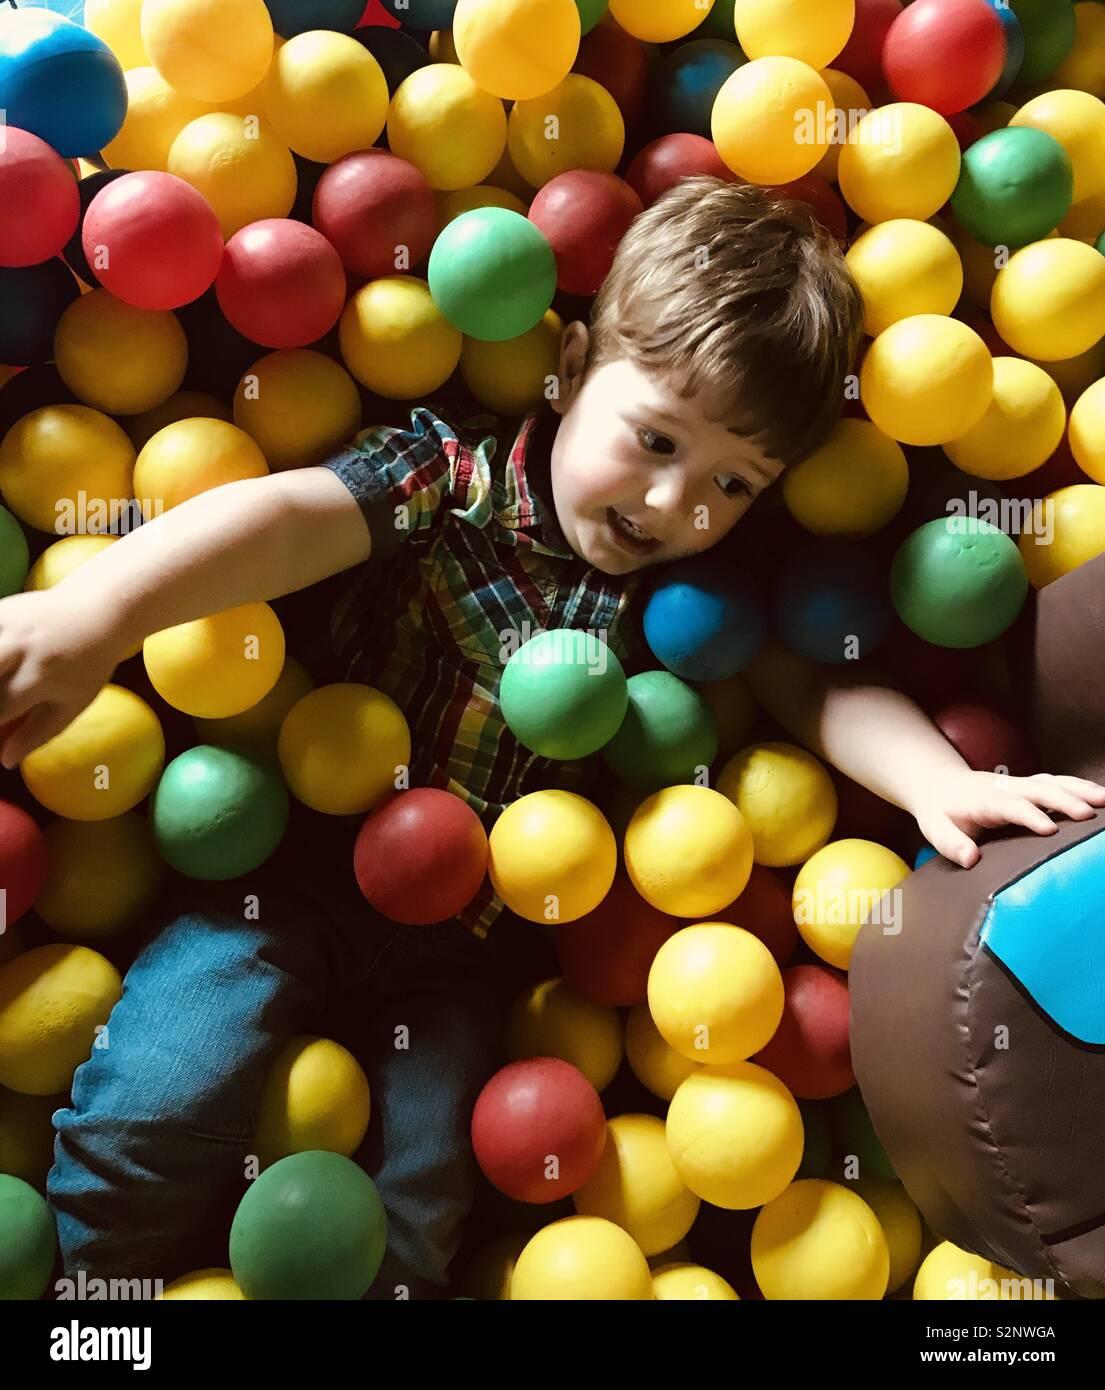 Piscina di palline Foto Stock